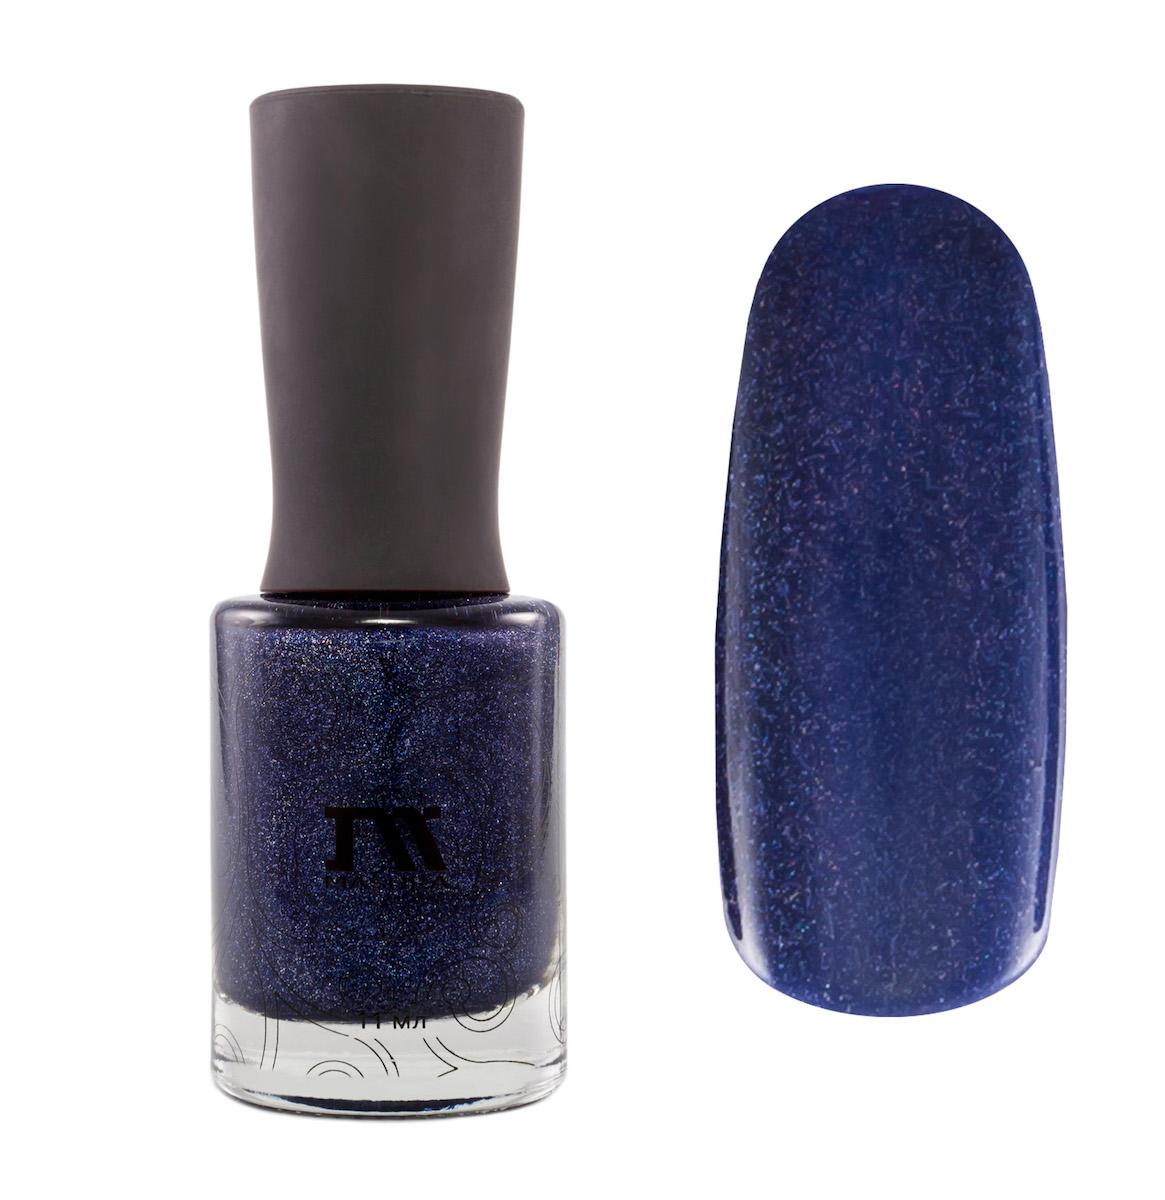 Masura Лак для ногтей Это Мой День, 11 мл1035фиолетовый с серым подтоном, с явным голографическим мерцаниемКак ухаживать за ногтями: советы эксперта. Статья OZON Гид